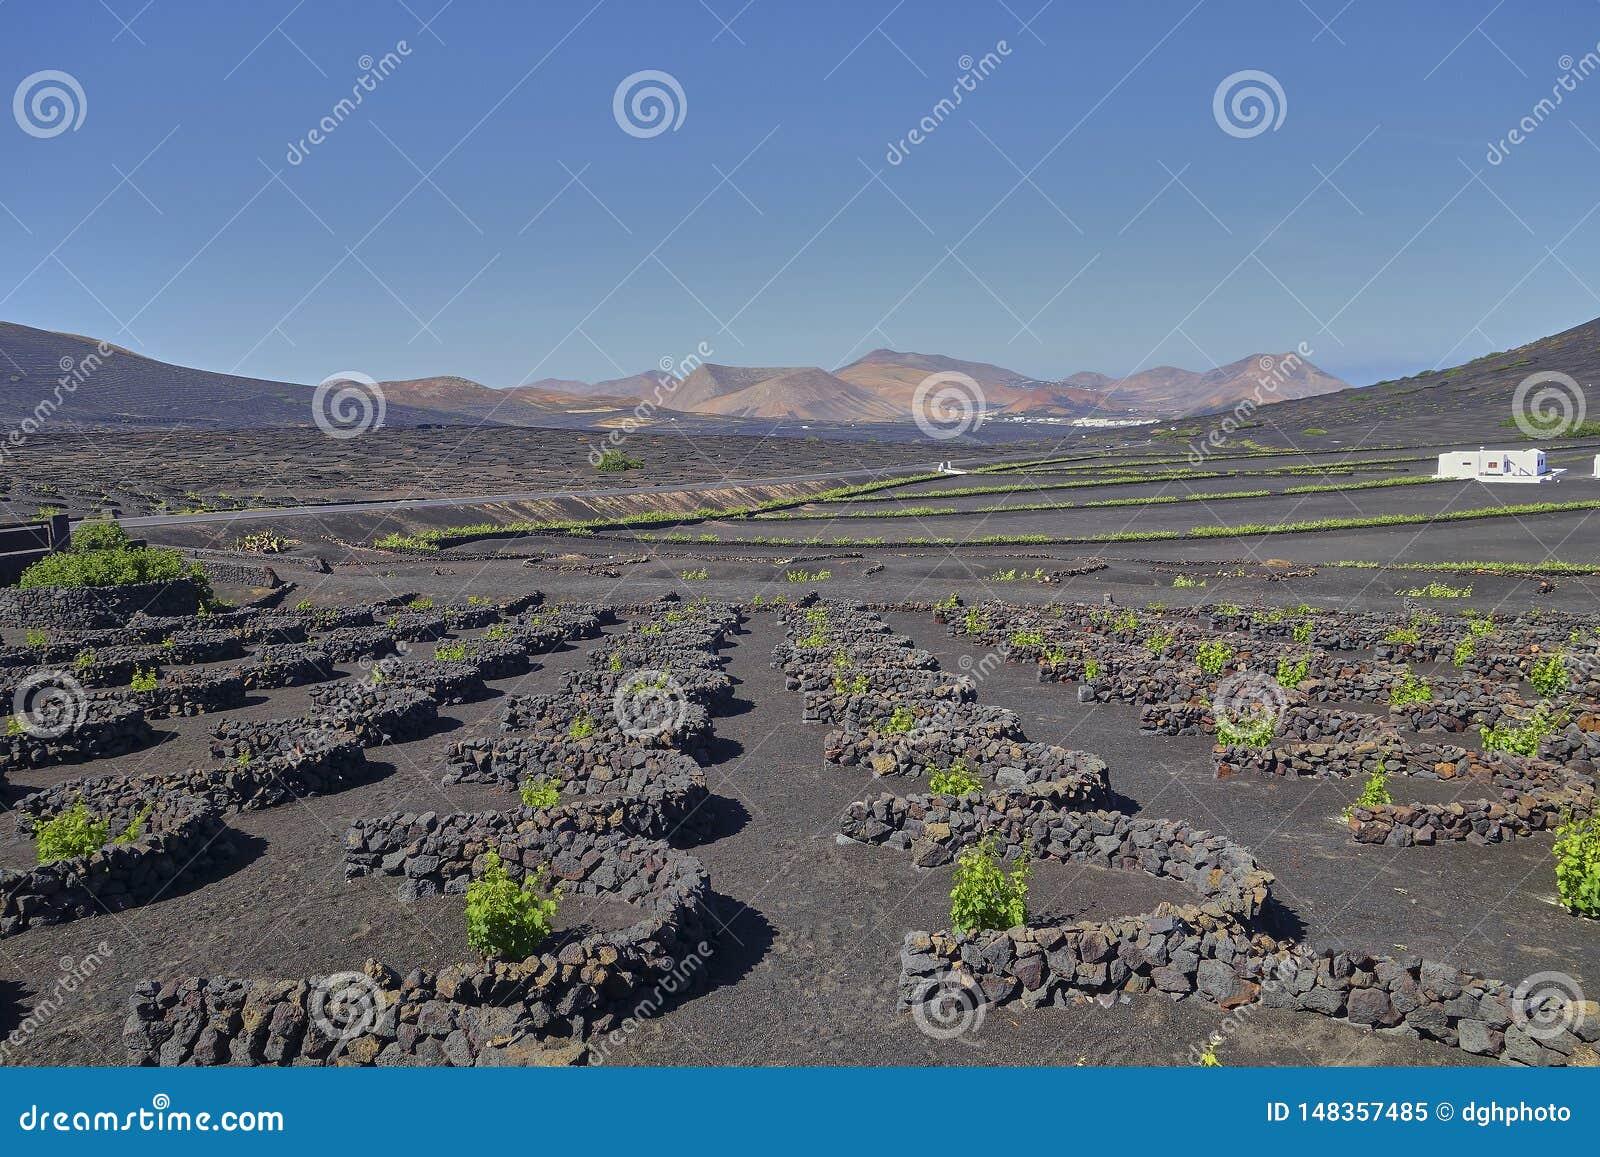 Wijnbouw in La Geria op het Eiland Lanzarote, Canarische Eilanden